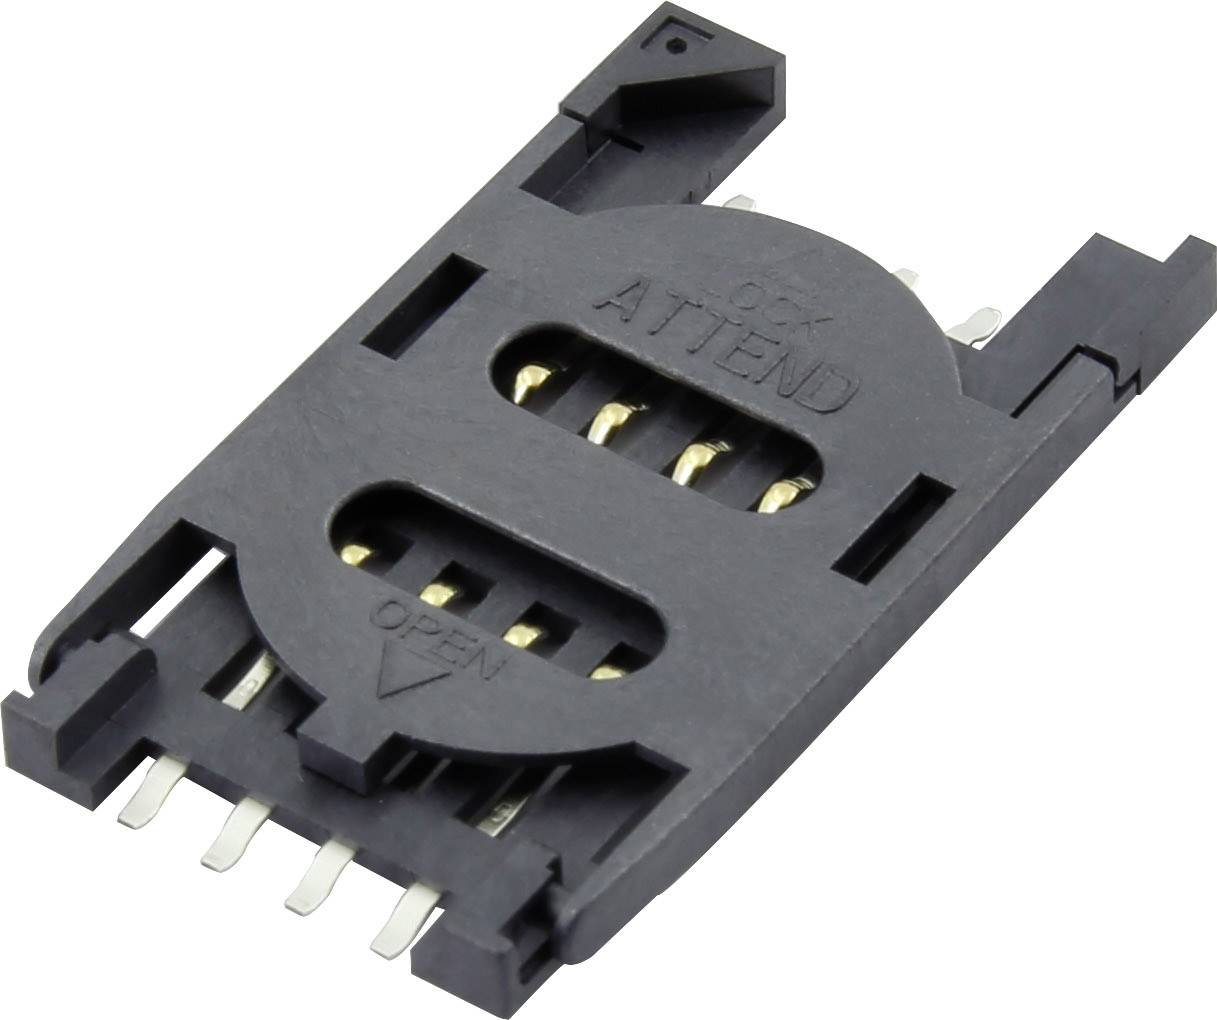 Pätice pre karty (GSM, SD)